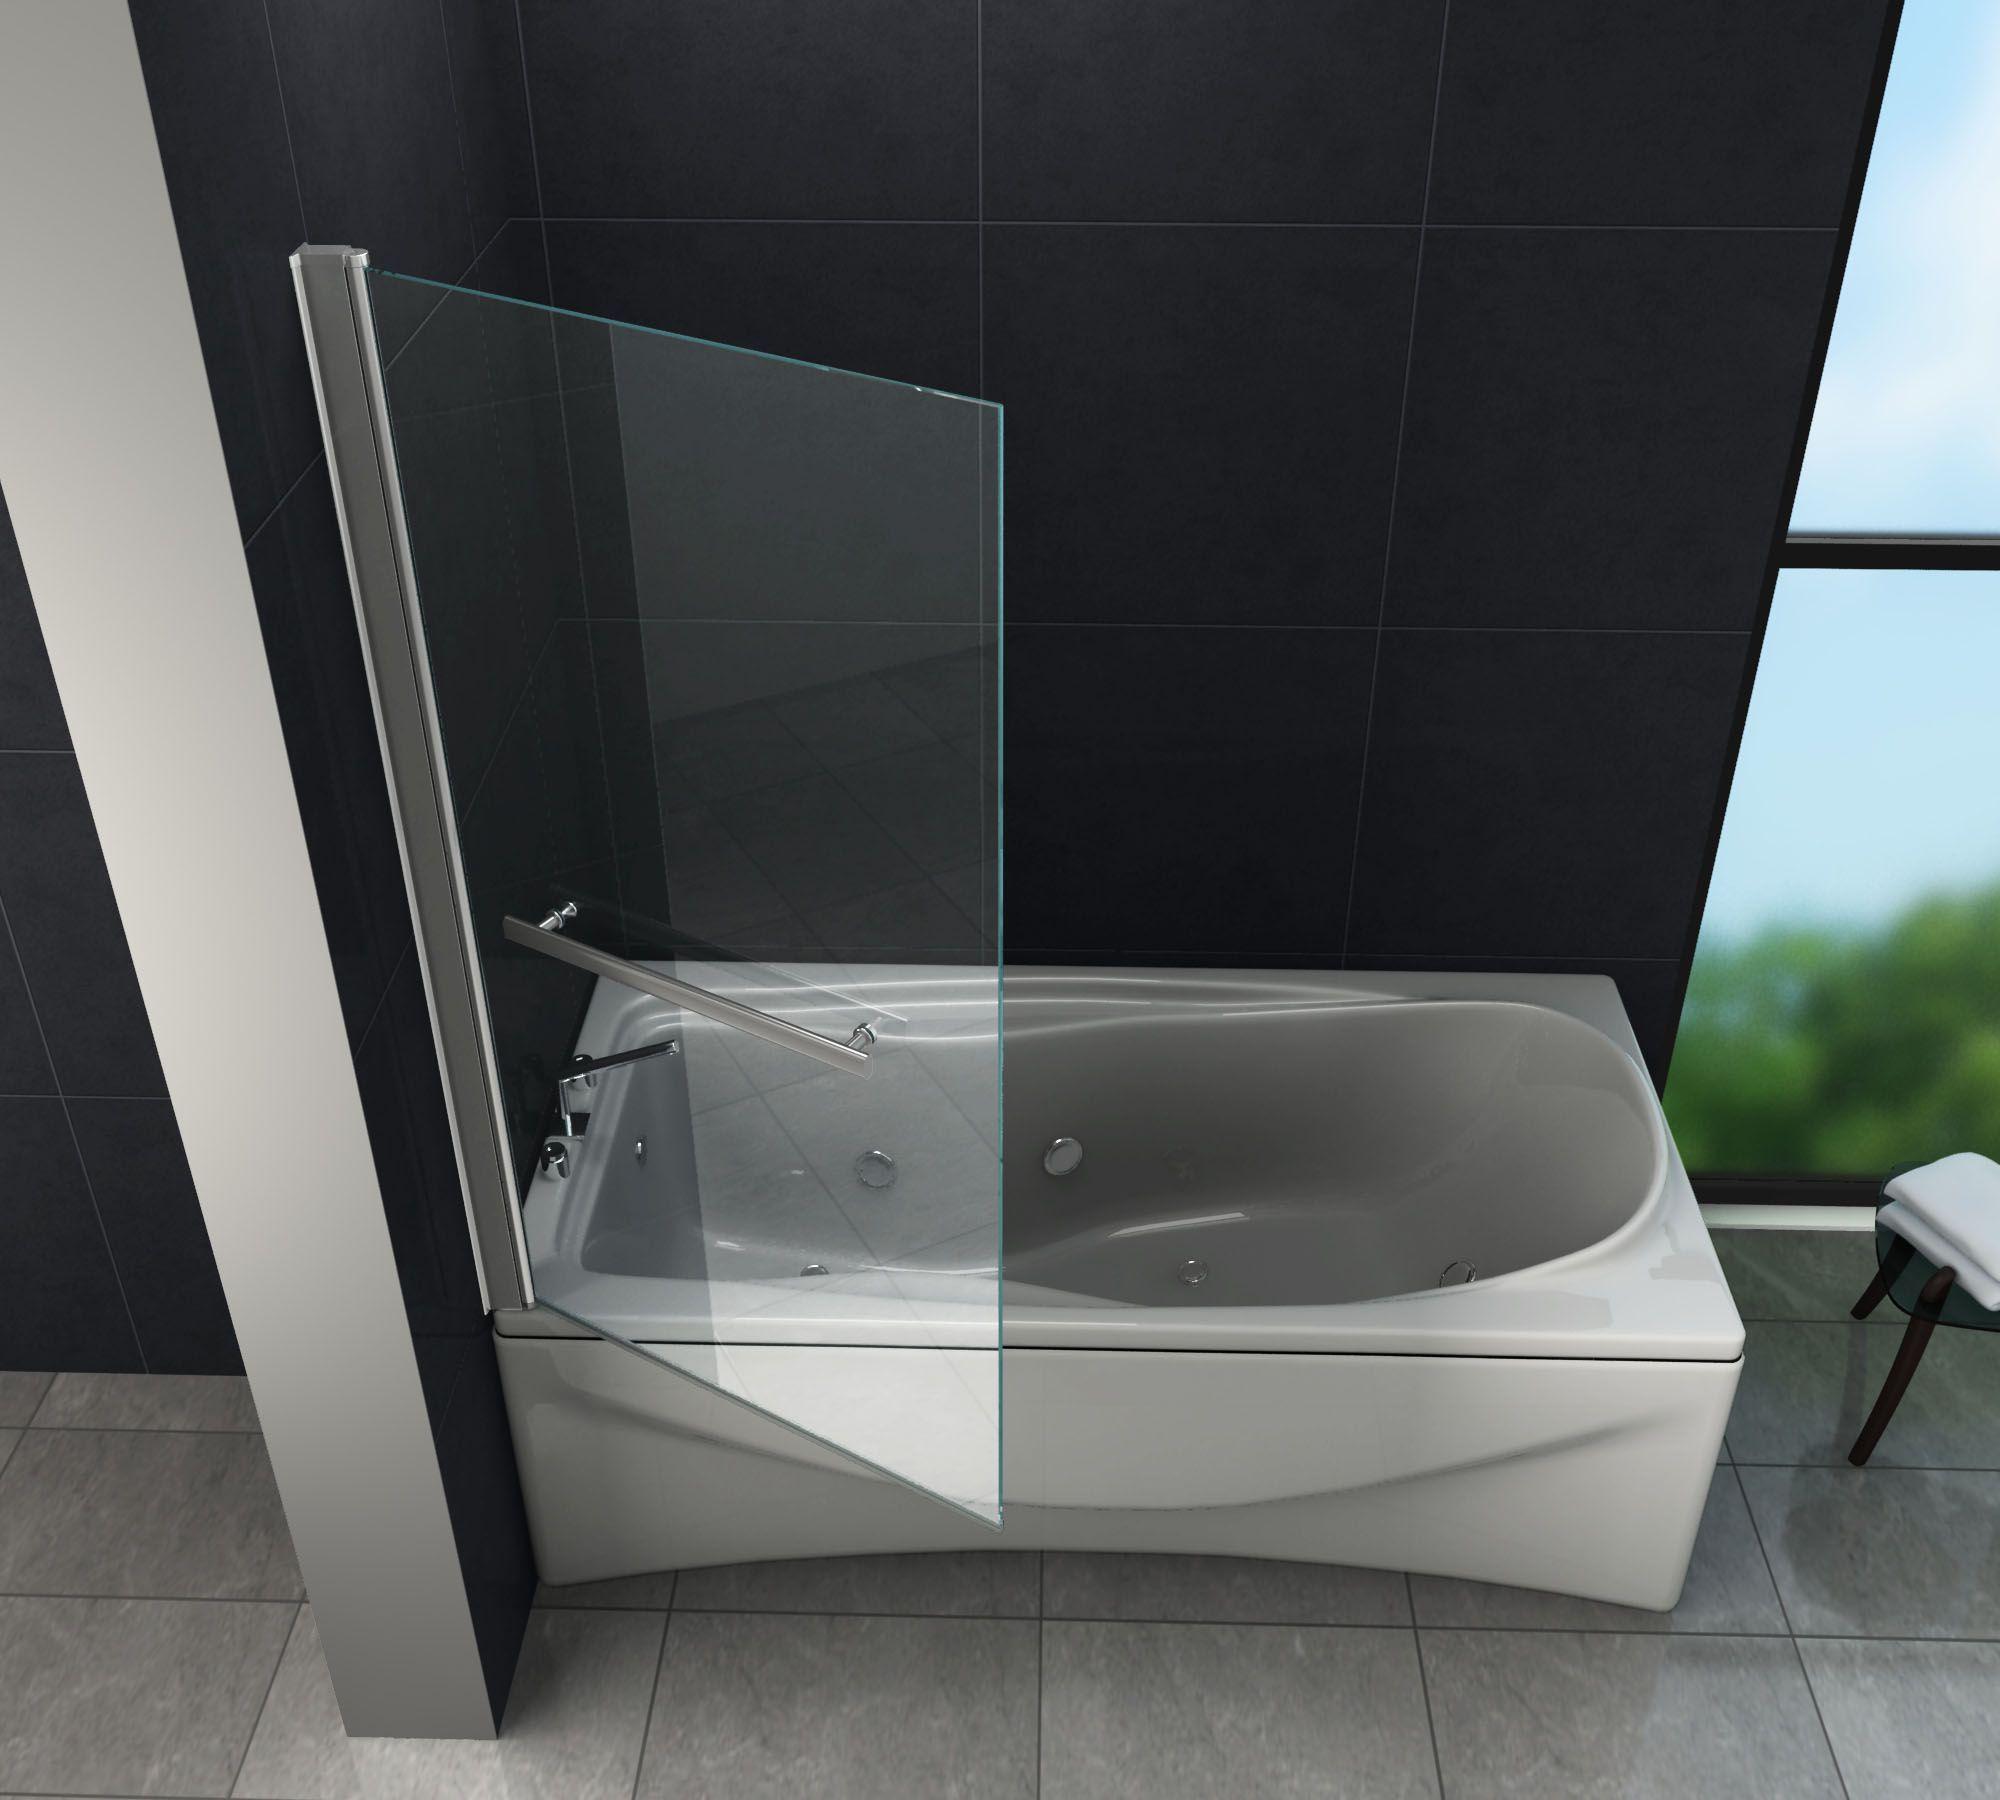 Eck Duschtrennwand Uniono Badewanne Jetzt Glasdeals De Badezimmer Bathtub Duschen B Duschtrennwand Badewanne Dusche